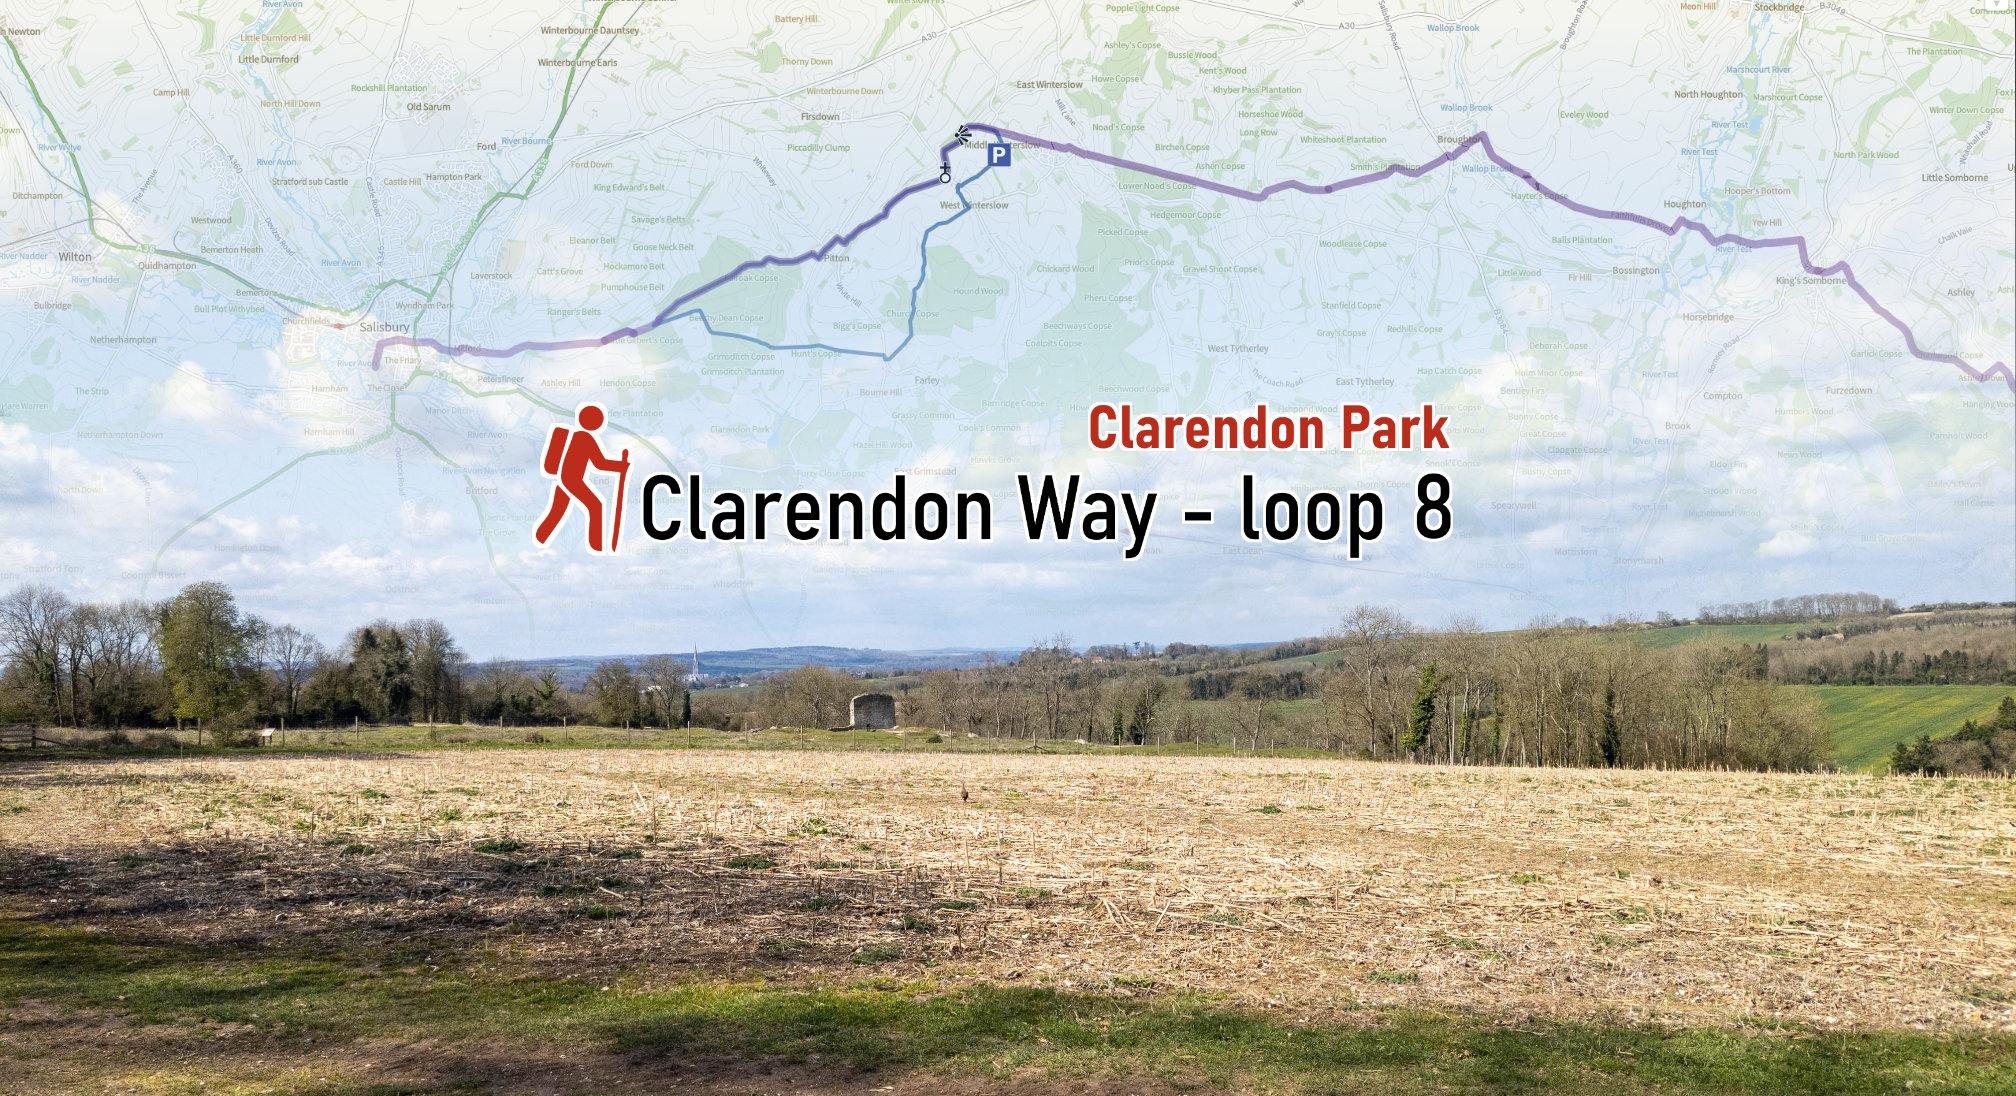 Clarendon Way loop 8